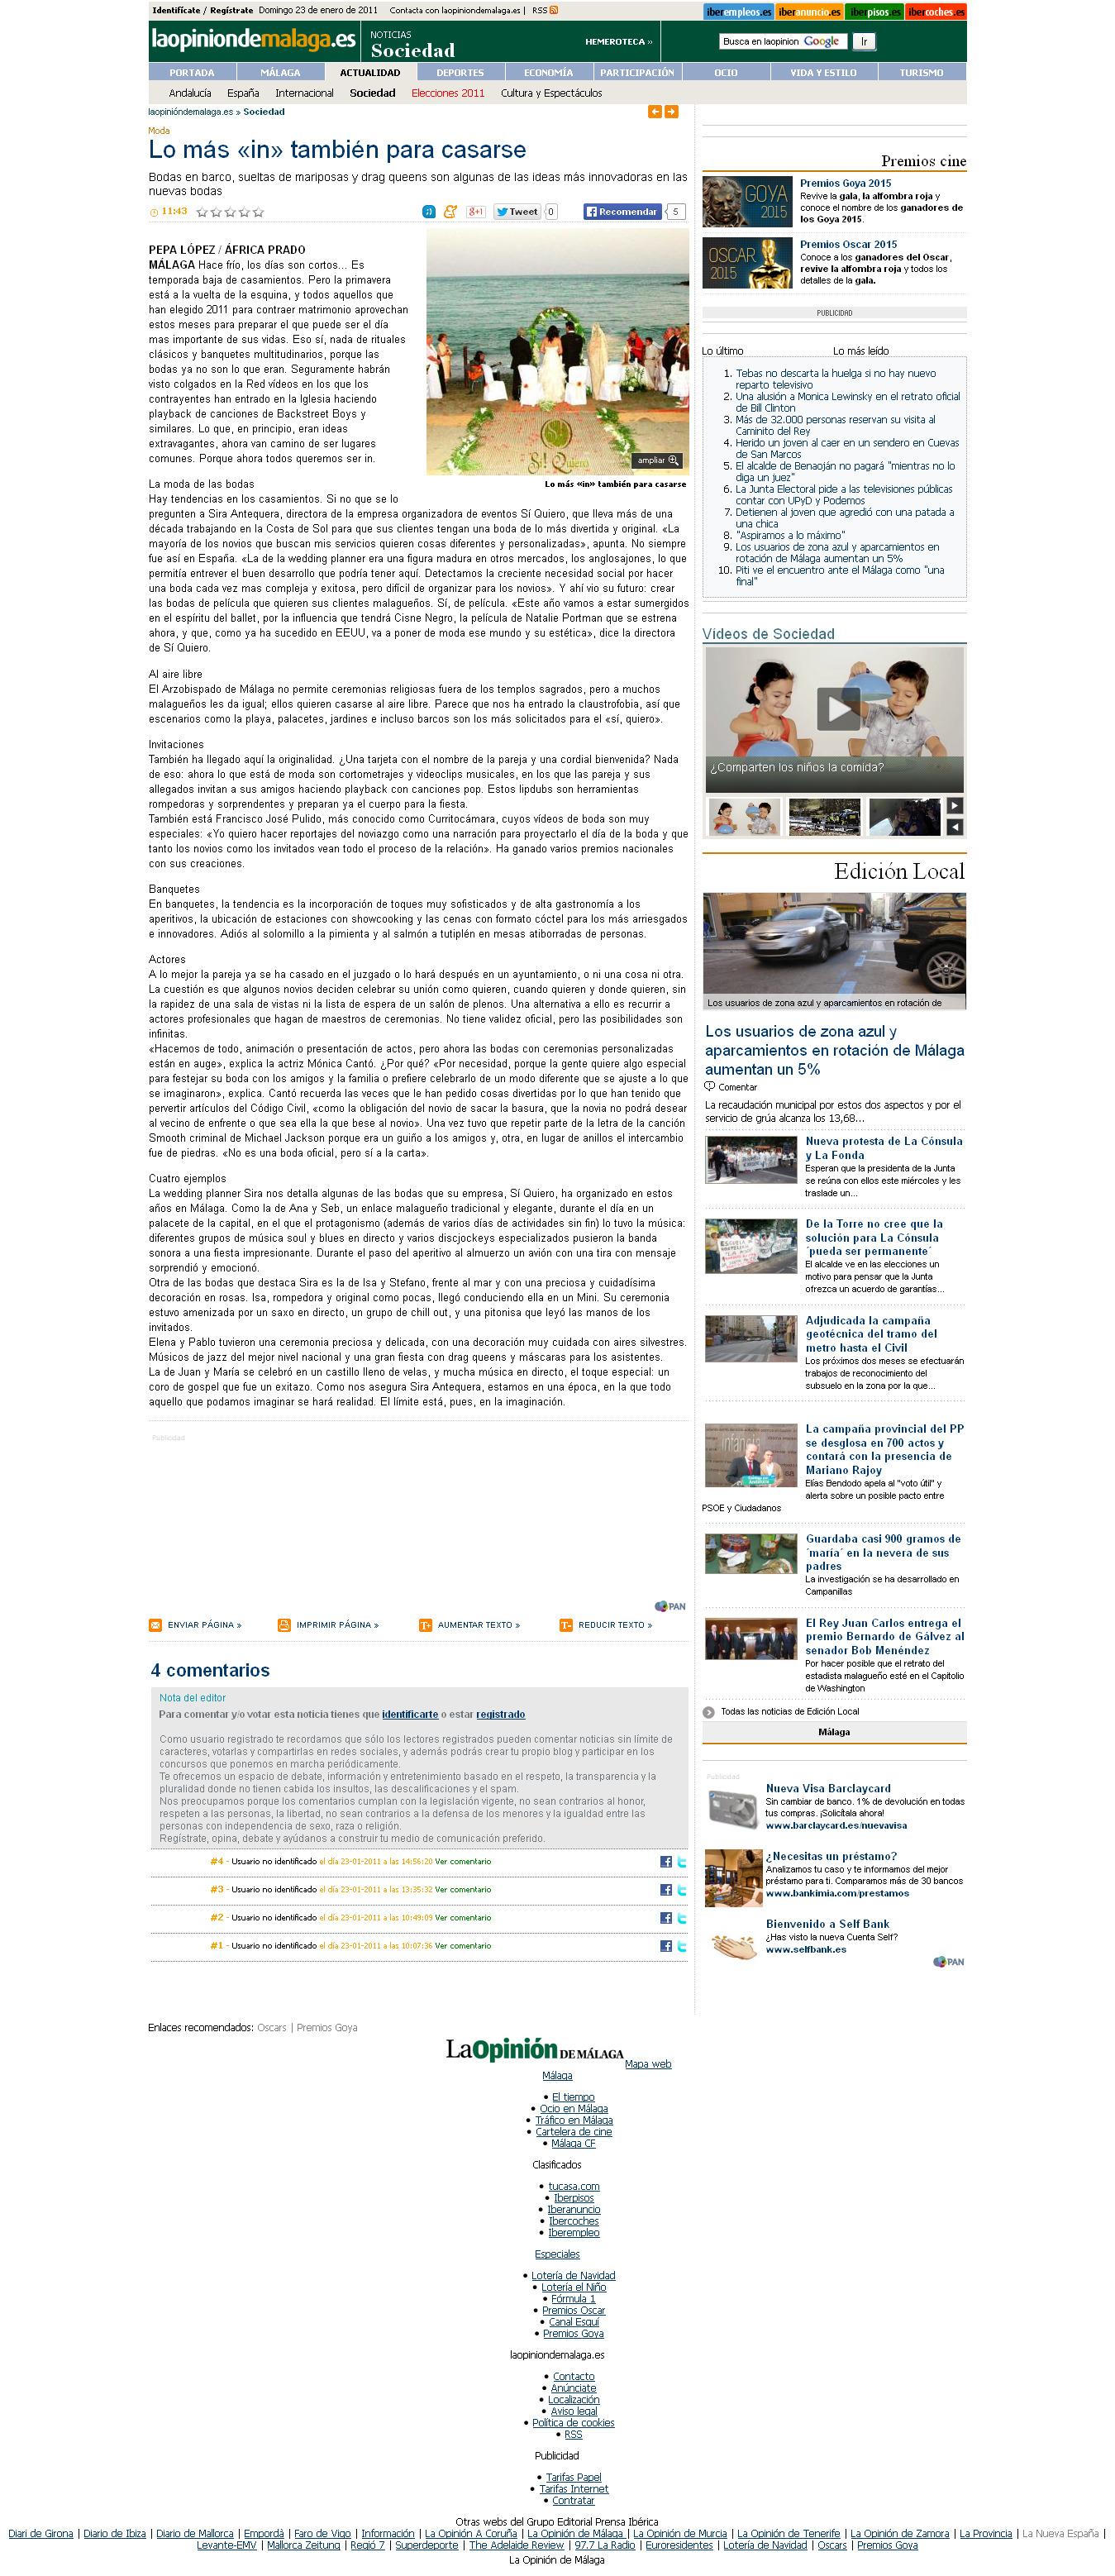 lo-mas-in-tambien-para-casarse-la-opinion-de-malaga-2015-03-03-16-38-46